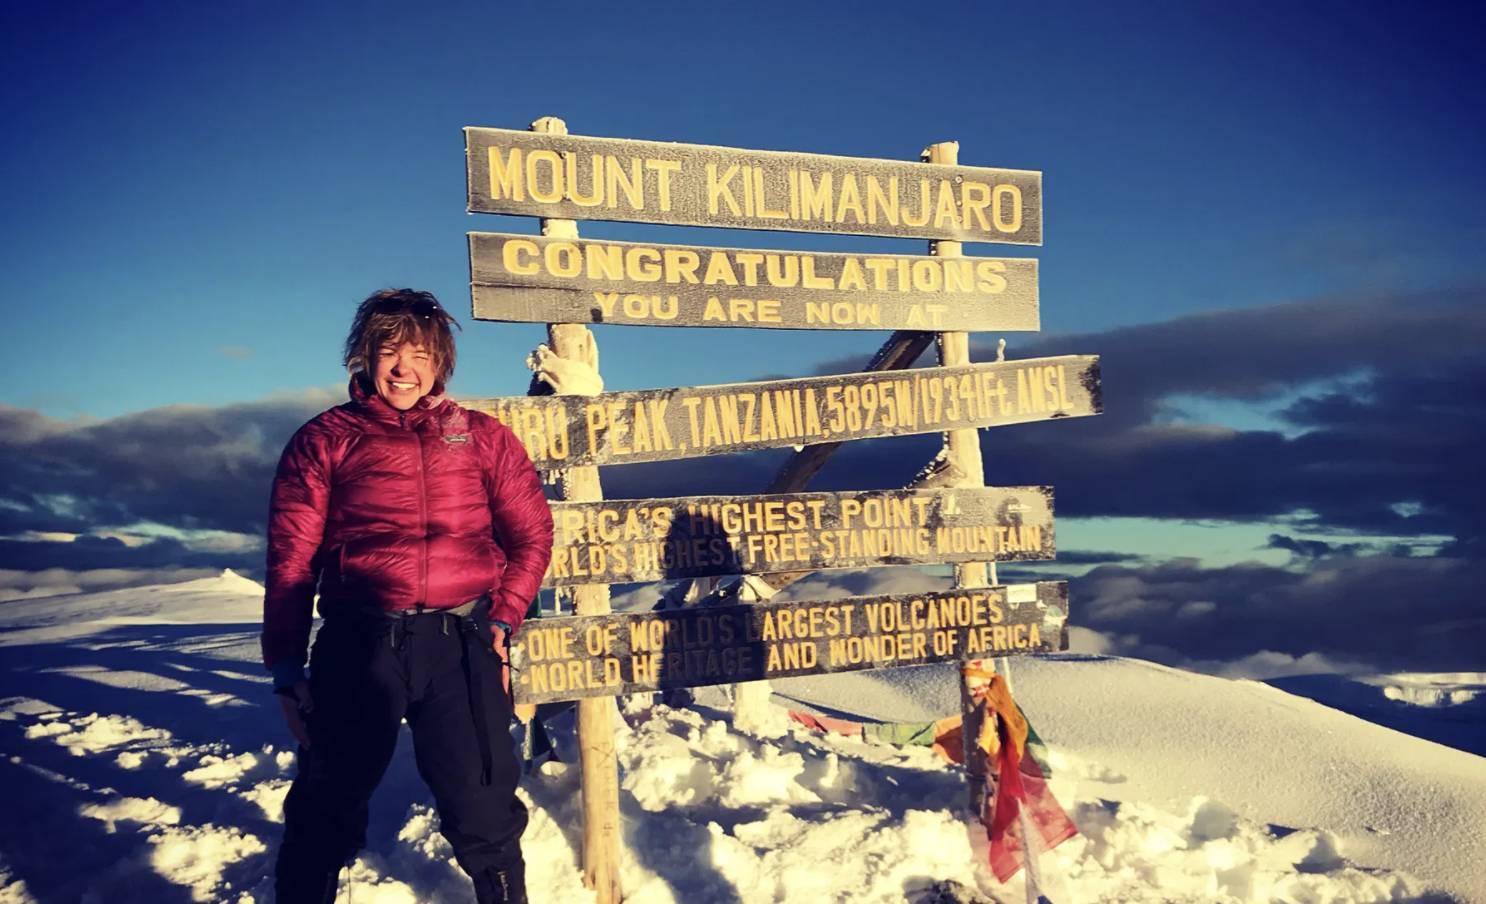 Erin Parisi on Mt. Kilimanjaro